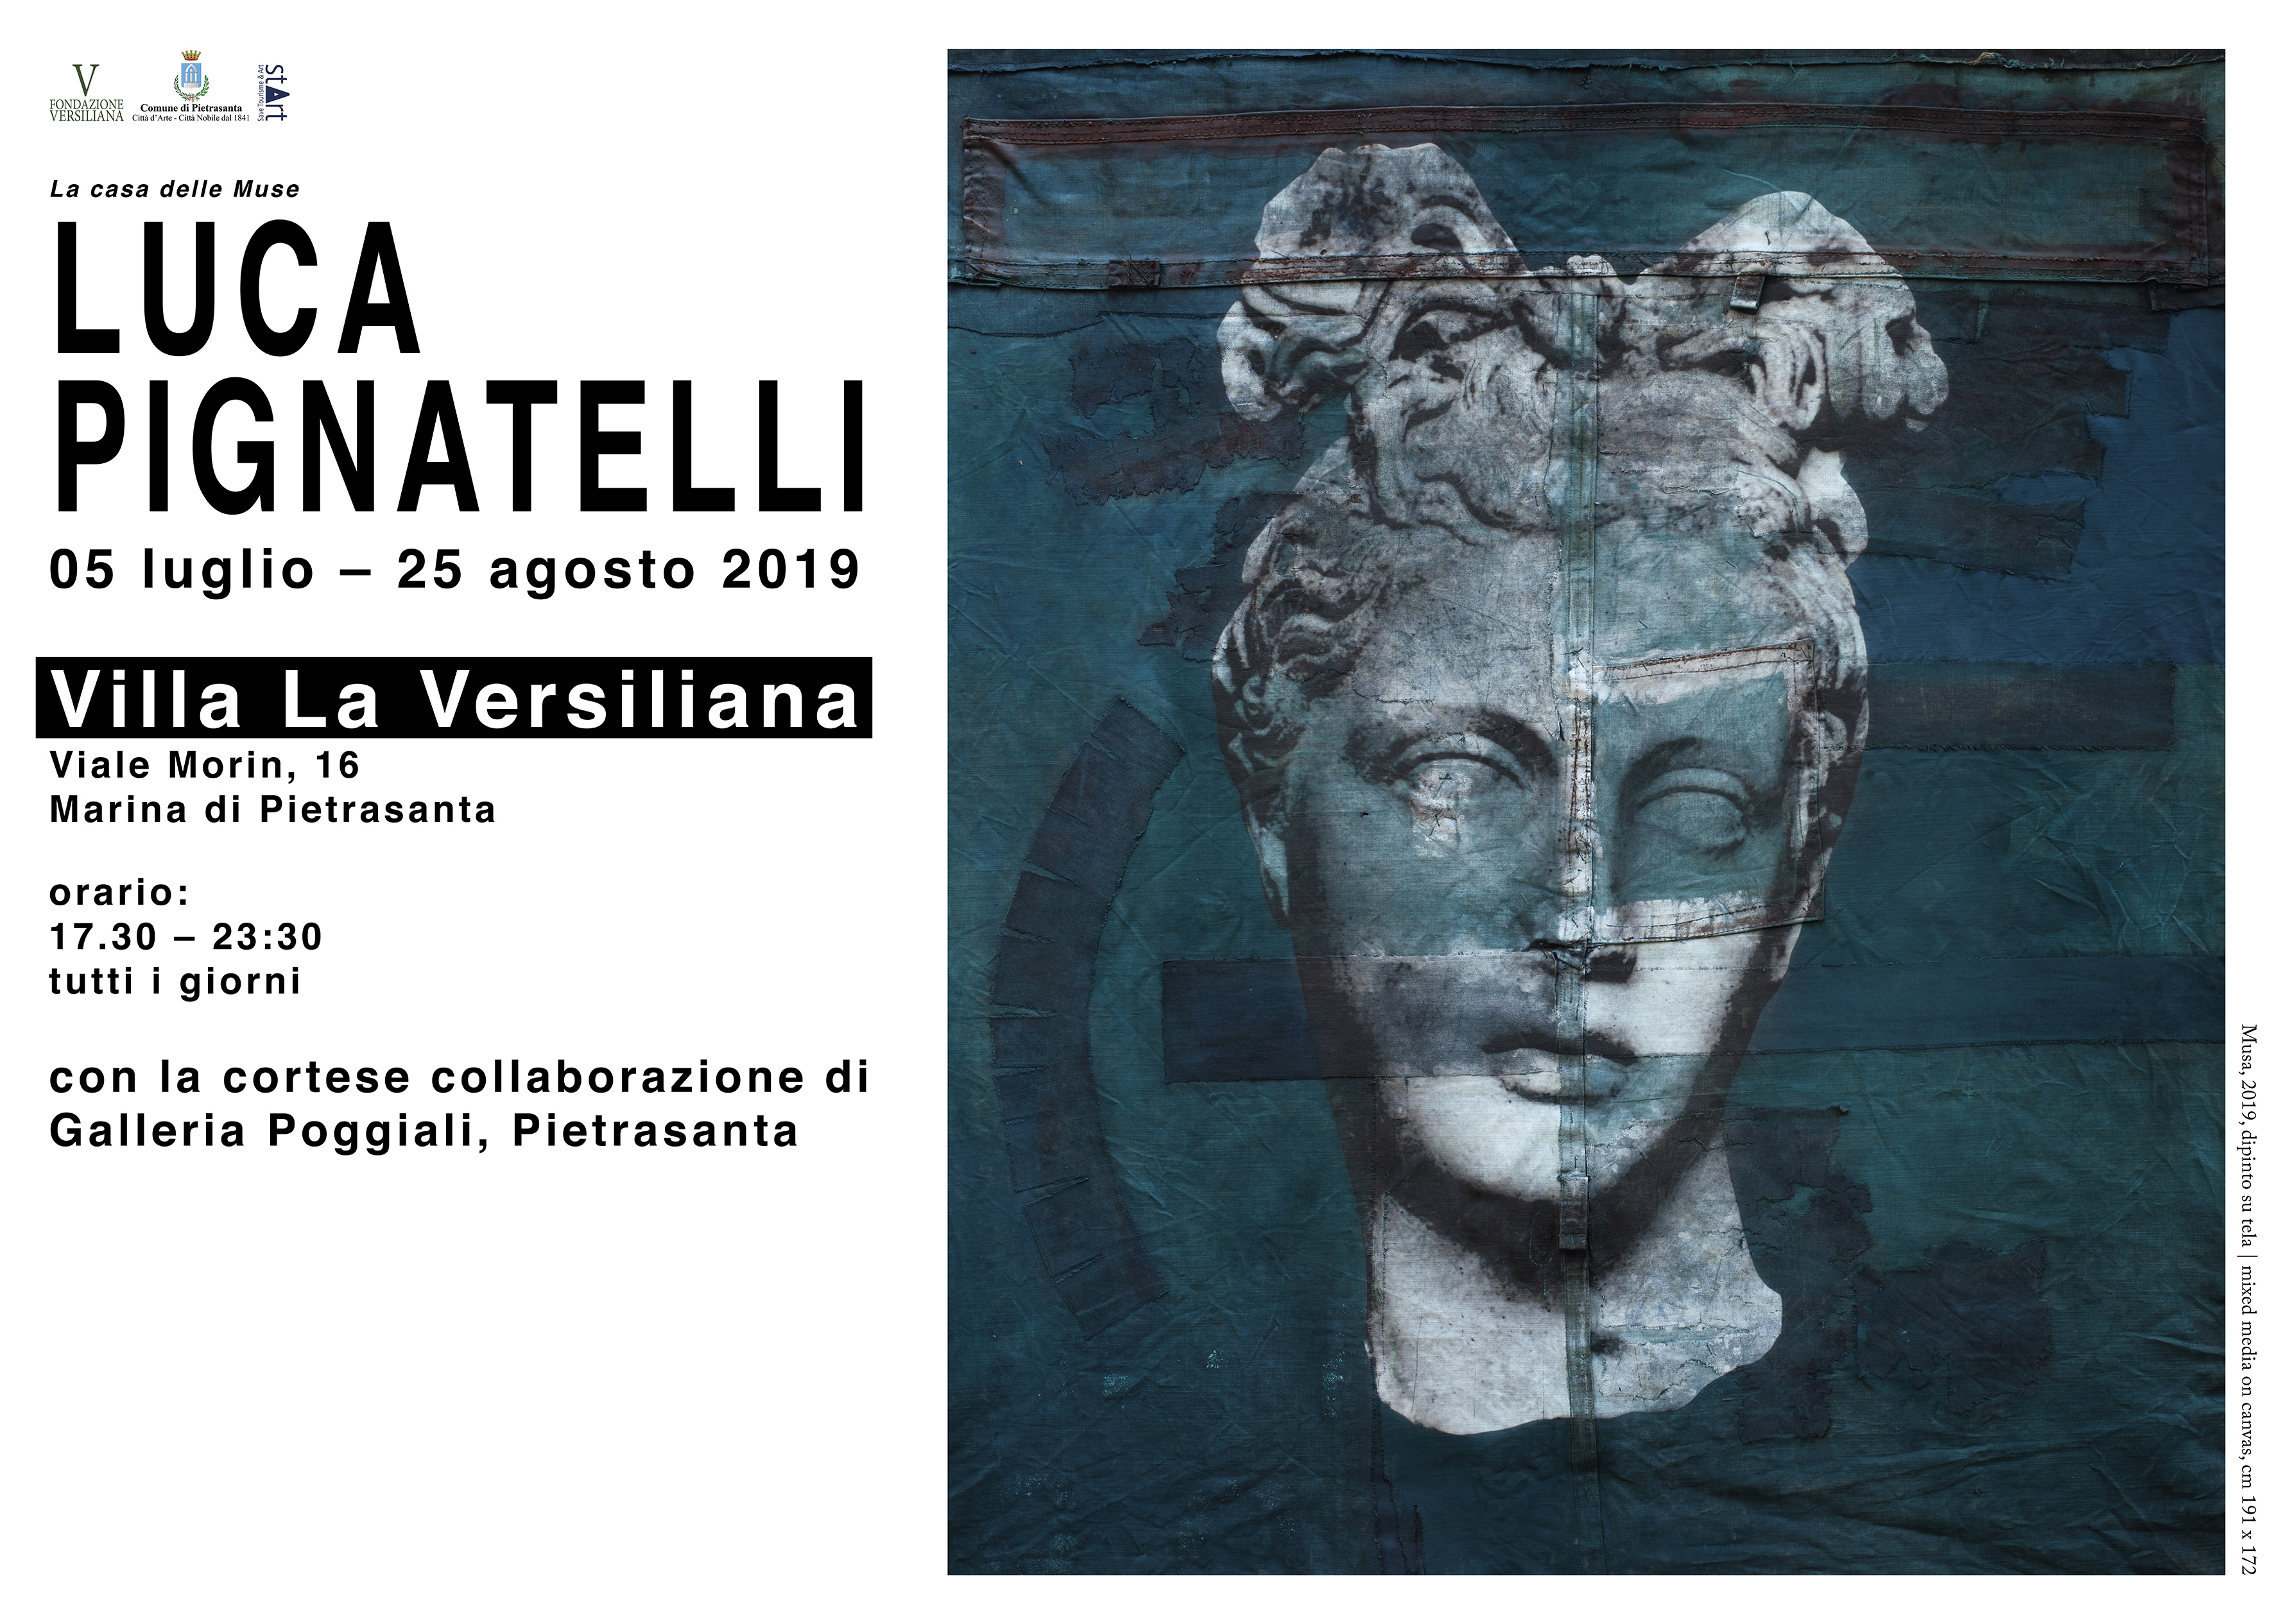 00fe2c8225b5 La casa delle Muse, due mesi in Versiliana con le opere di Pignatelli